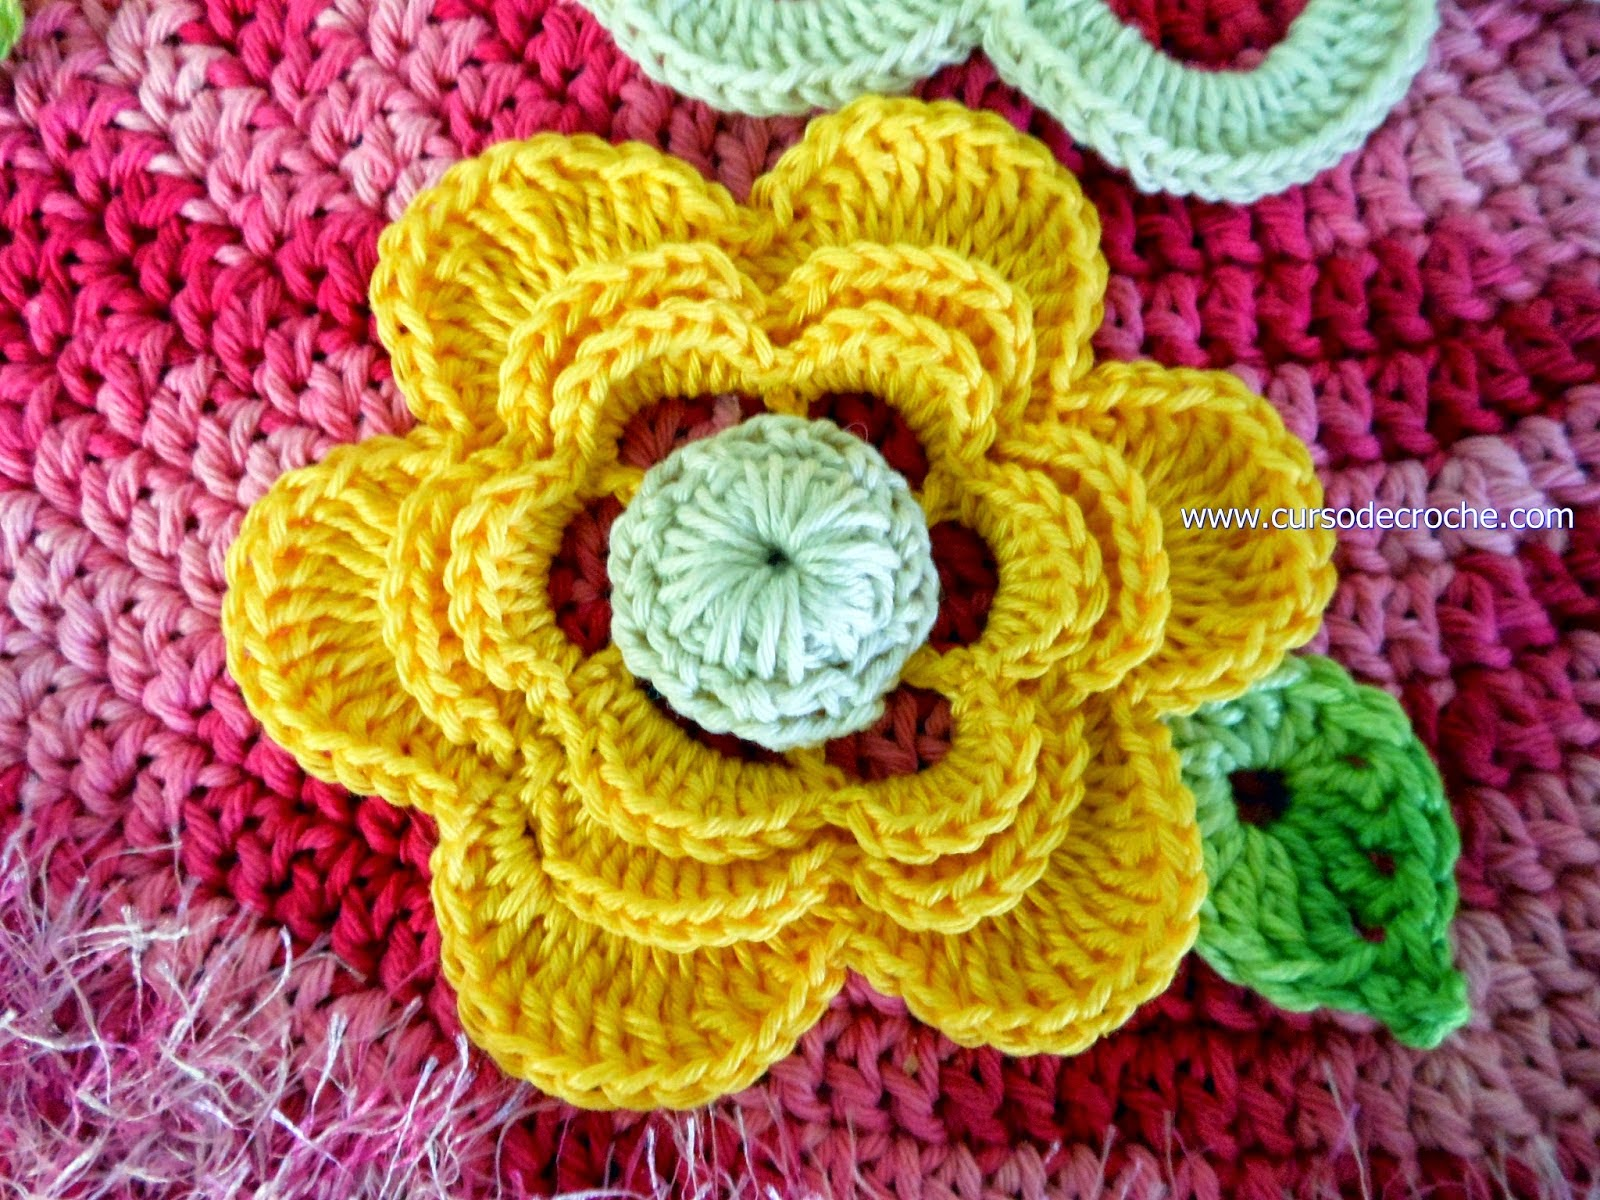 como fazer tapete de croche aprender croche tapetes redondo rosa forte barroco decore flores dvd edinir-croche loja curso de croche frete gratis